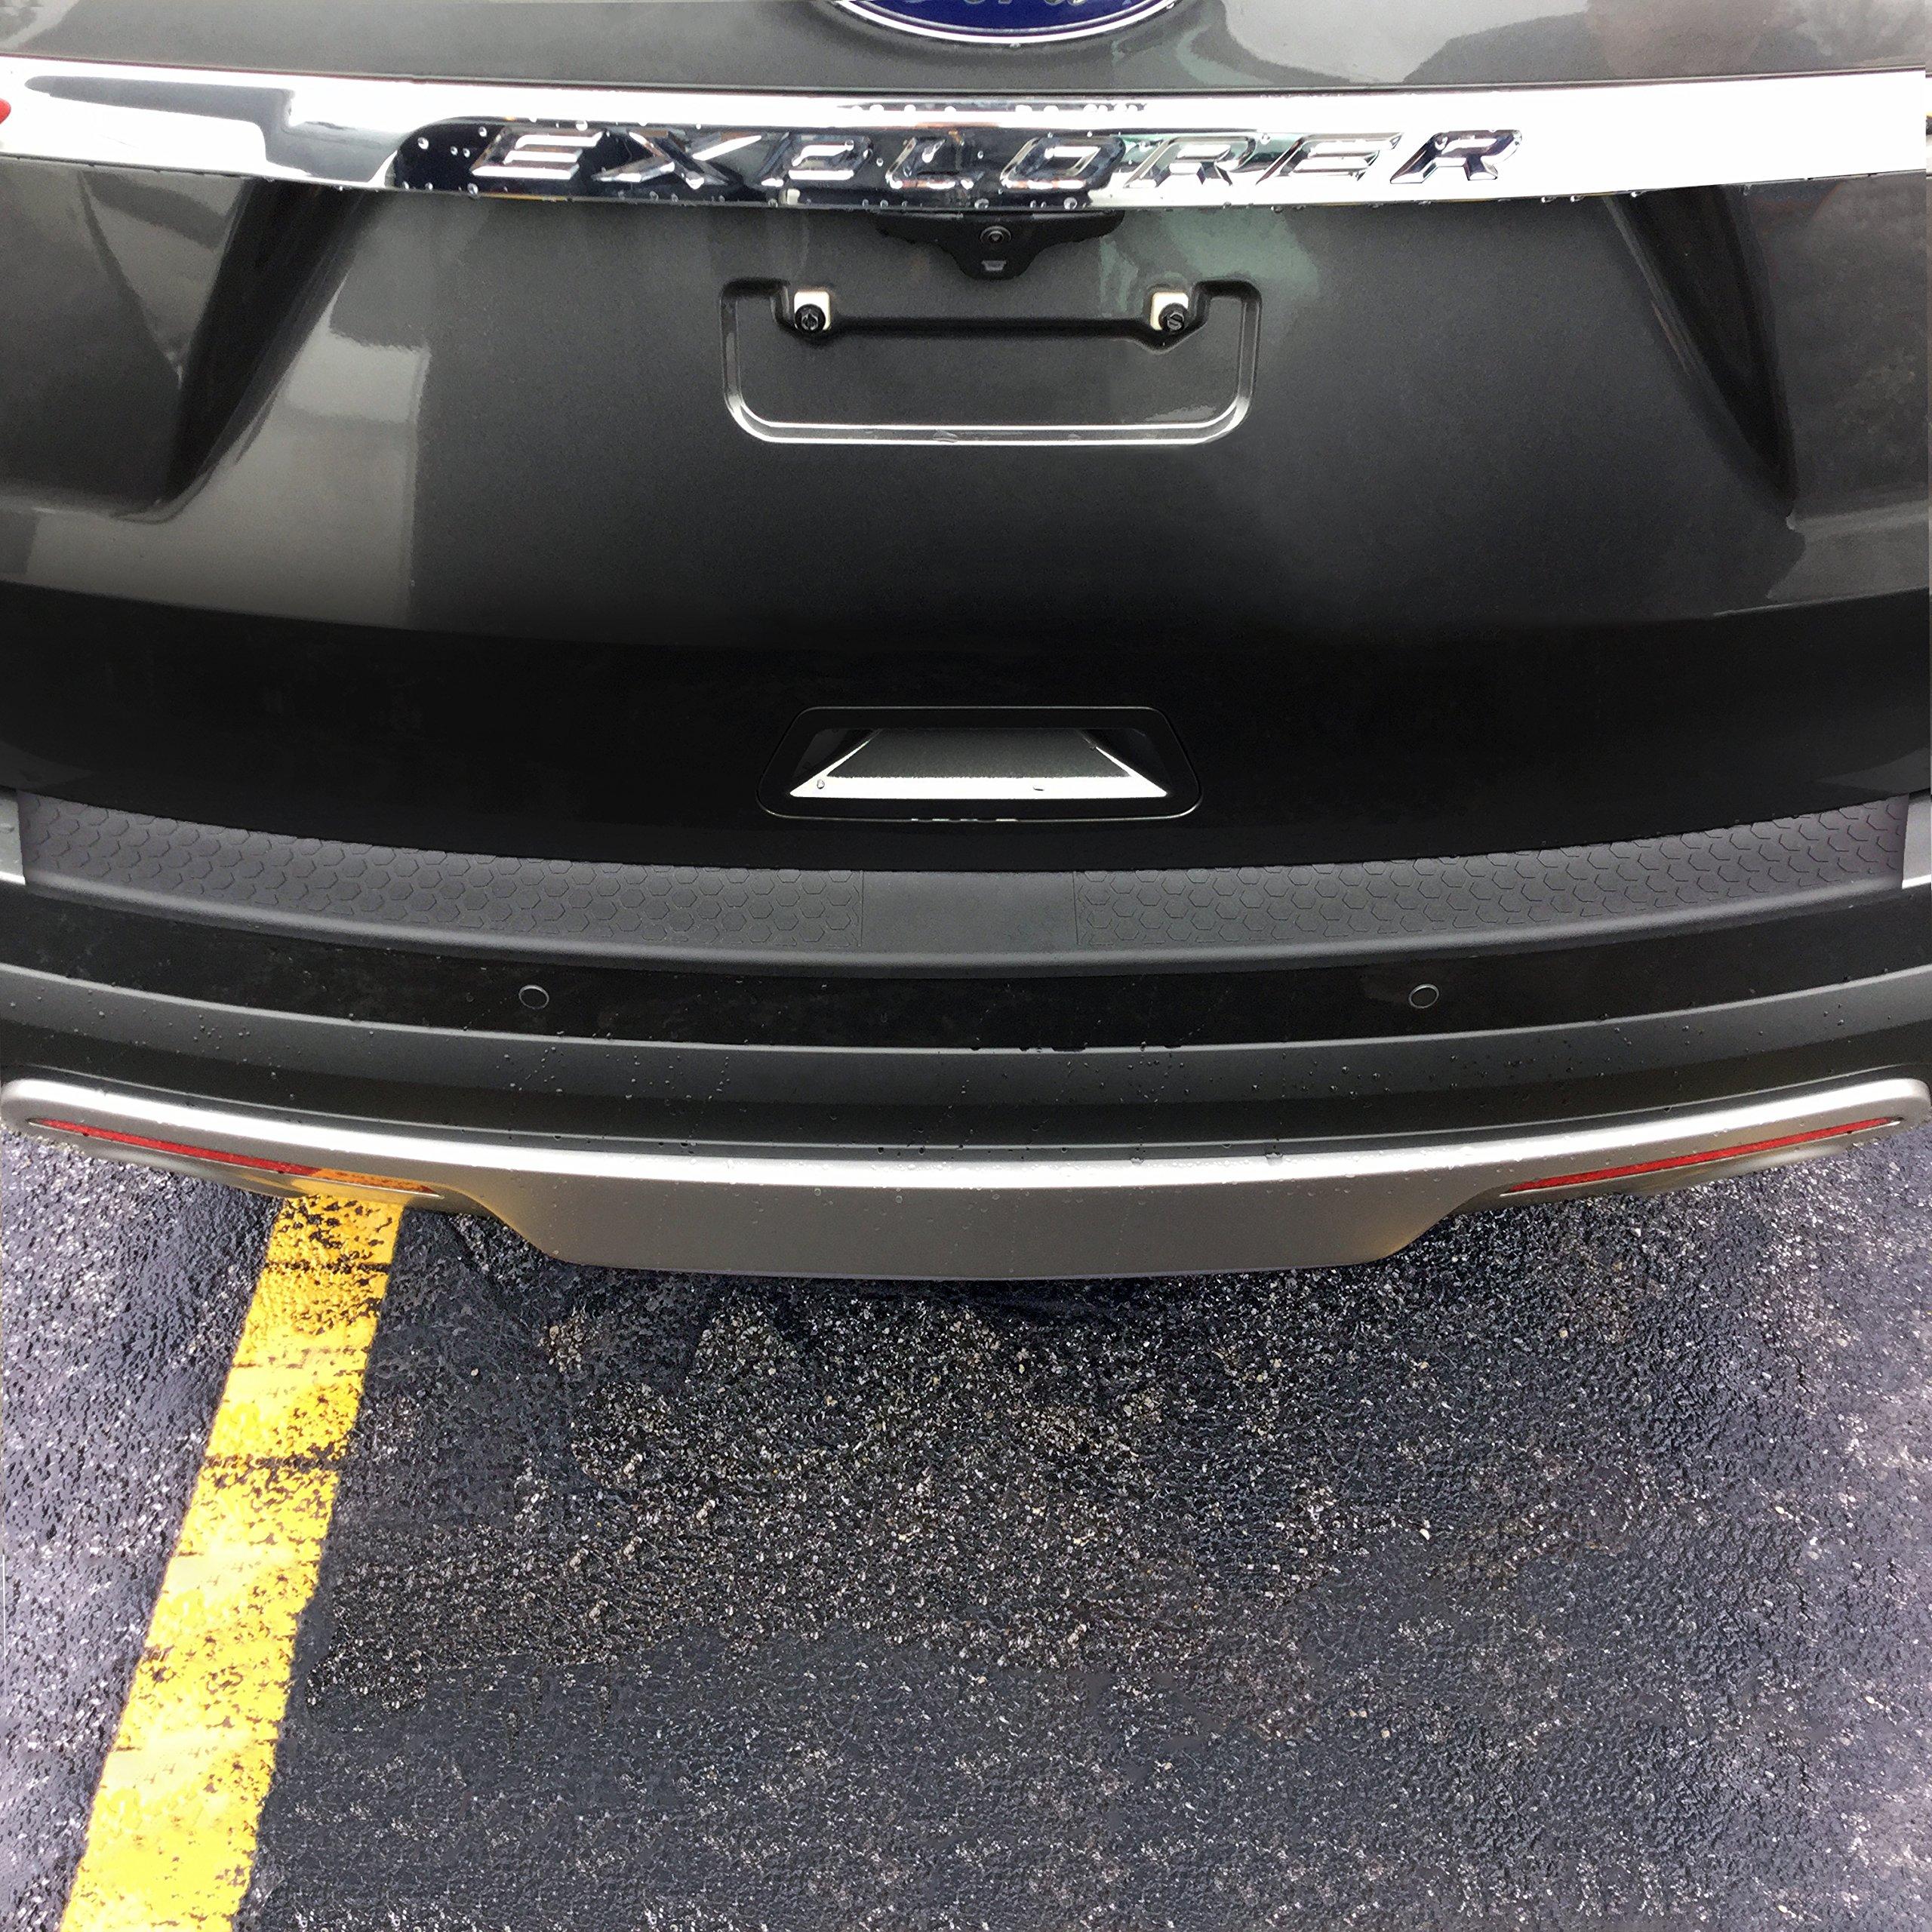 Get Quotations · 2011-2017 Ford Explorer Rear Bumper Protector and Bumper  Guard